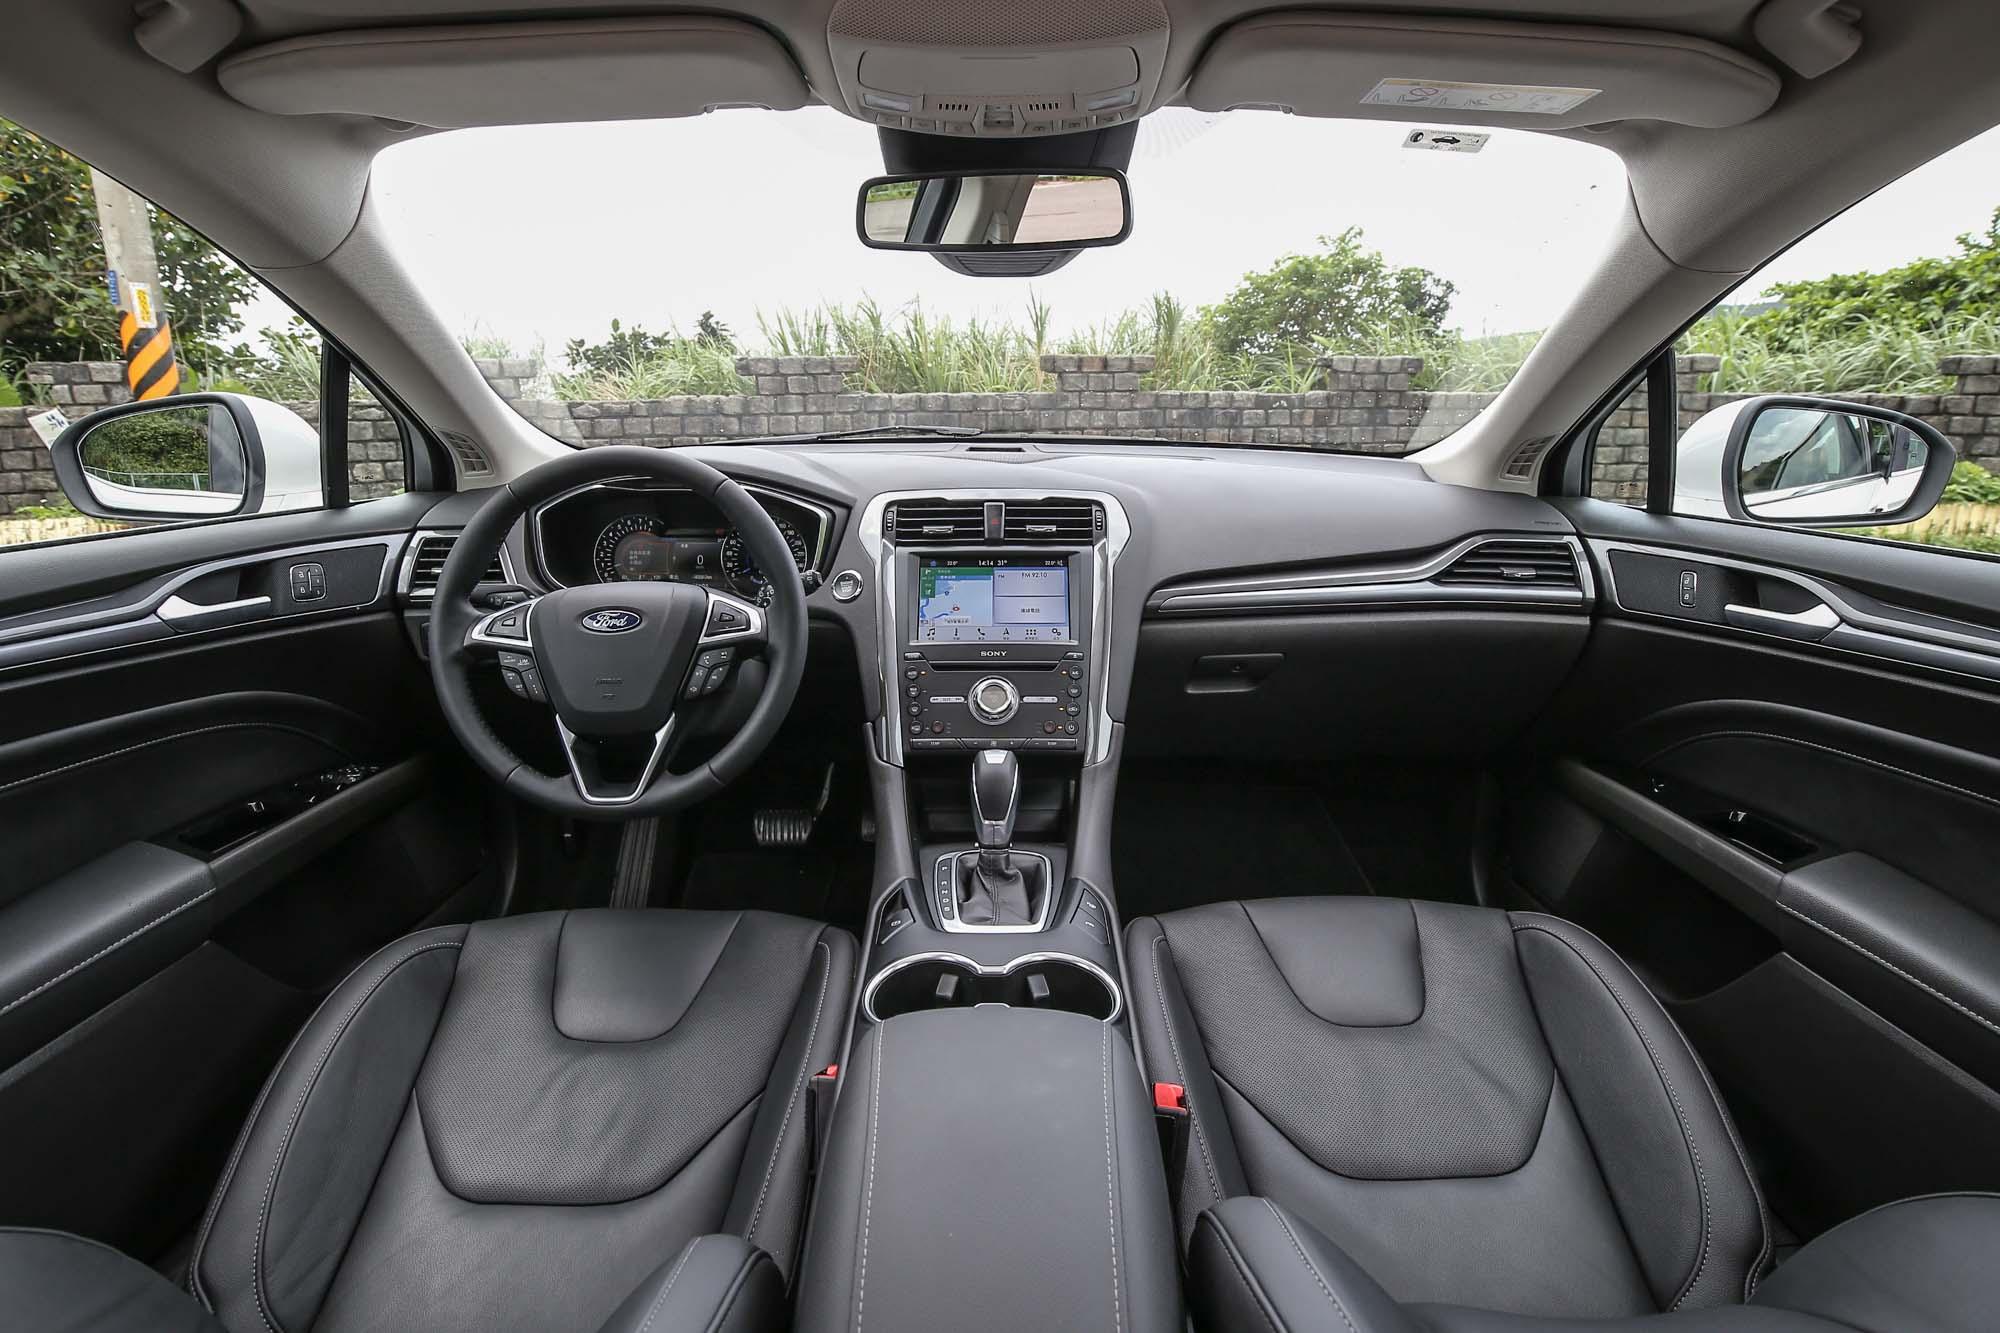 前座空間寬敞,整體氣氛走低調洗鍊路線,駕駛視野也非常遼闊。